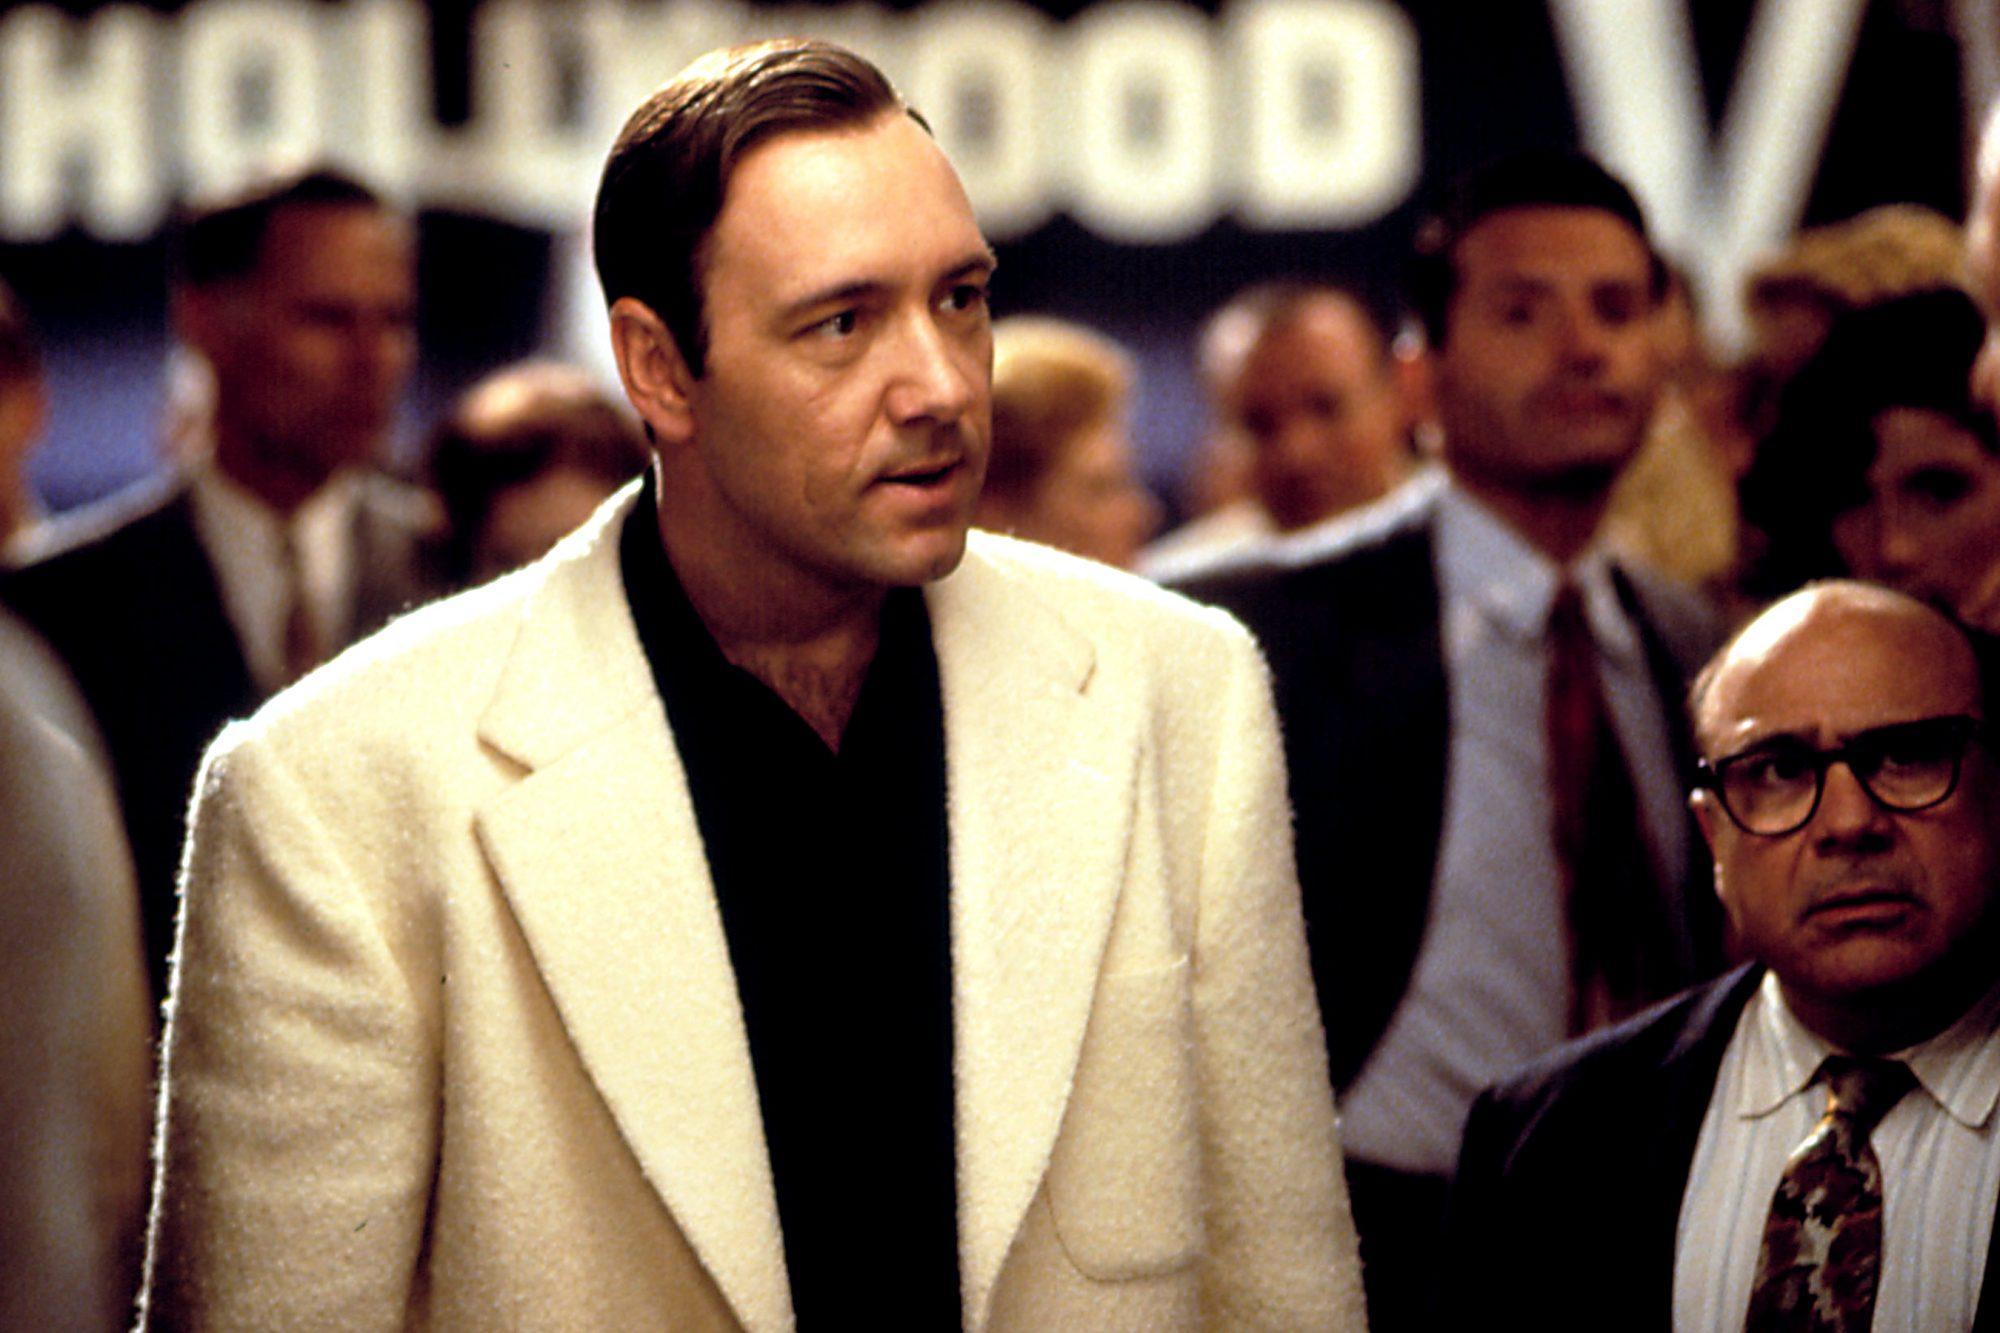 L.A. CONFIDENTIAL, Kevin Spacey, Danny De Vito, 1997